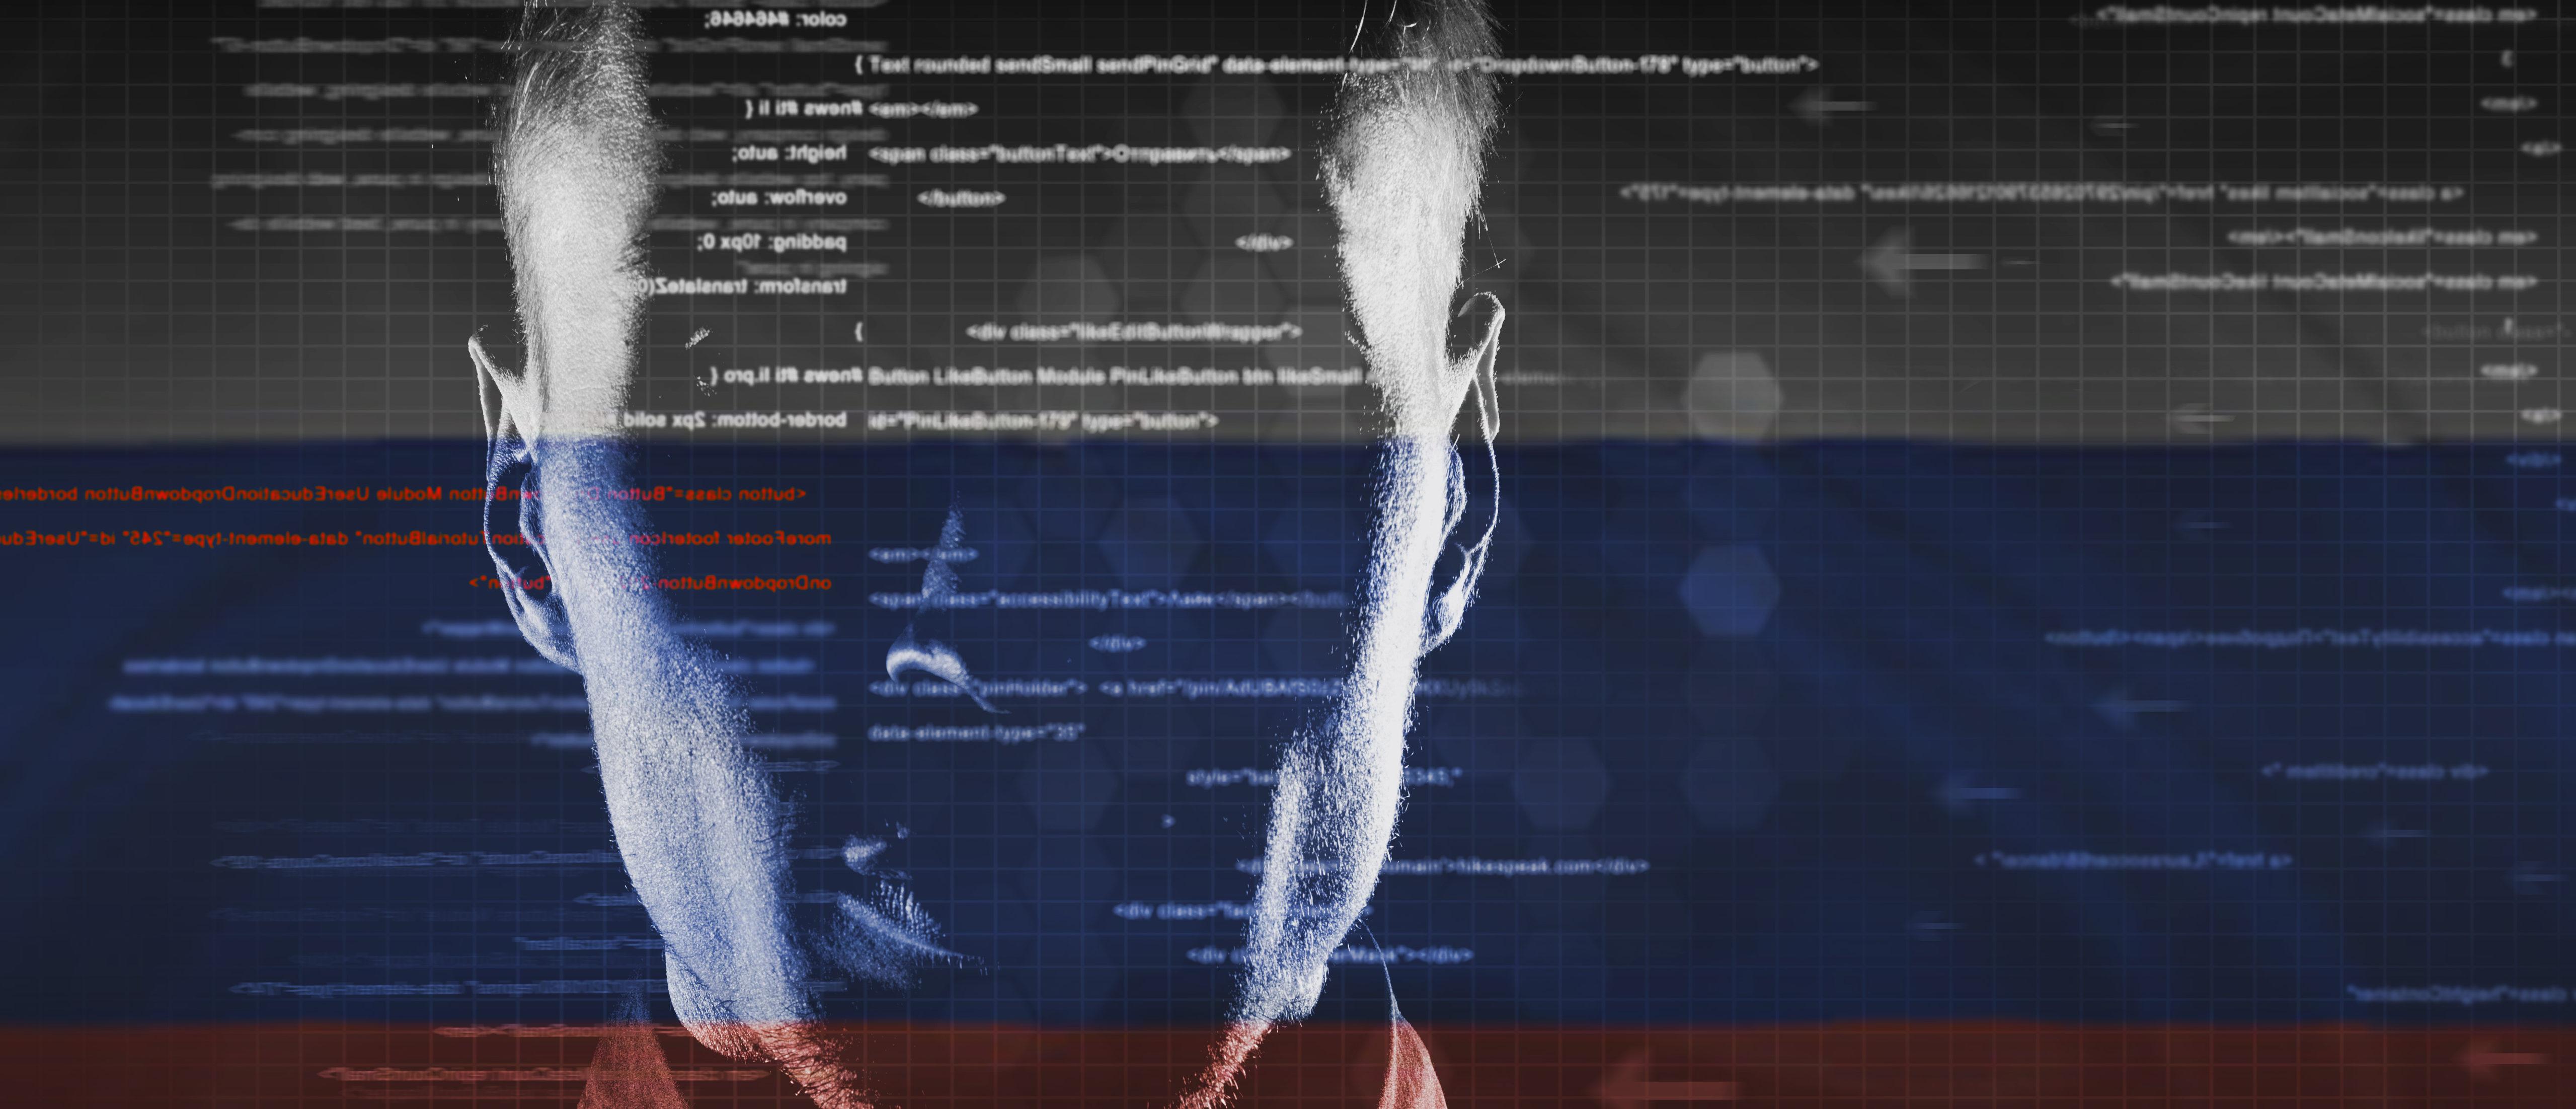 Russian spie hacker (Shutterstock/GlebSStock)